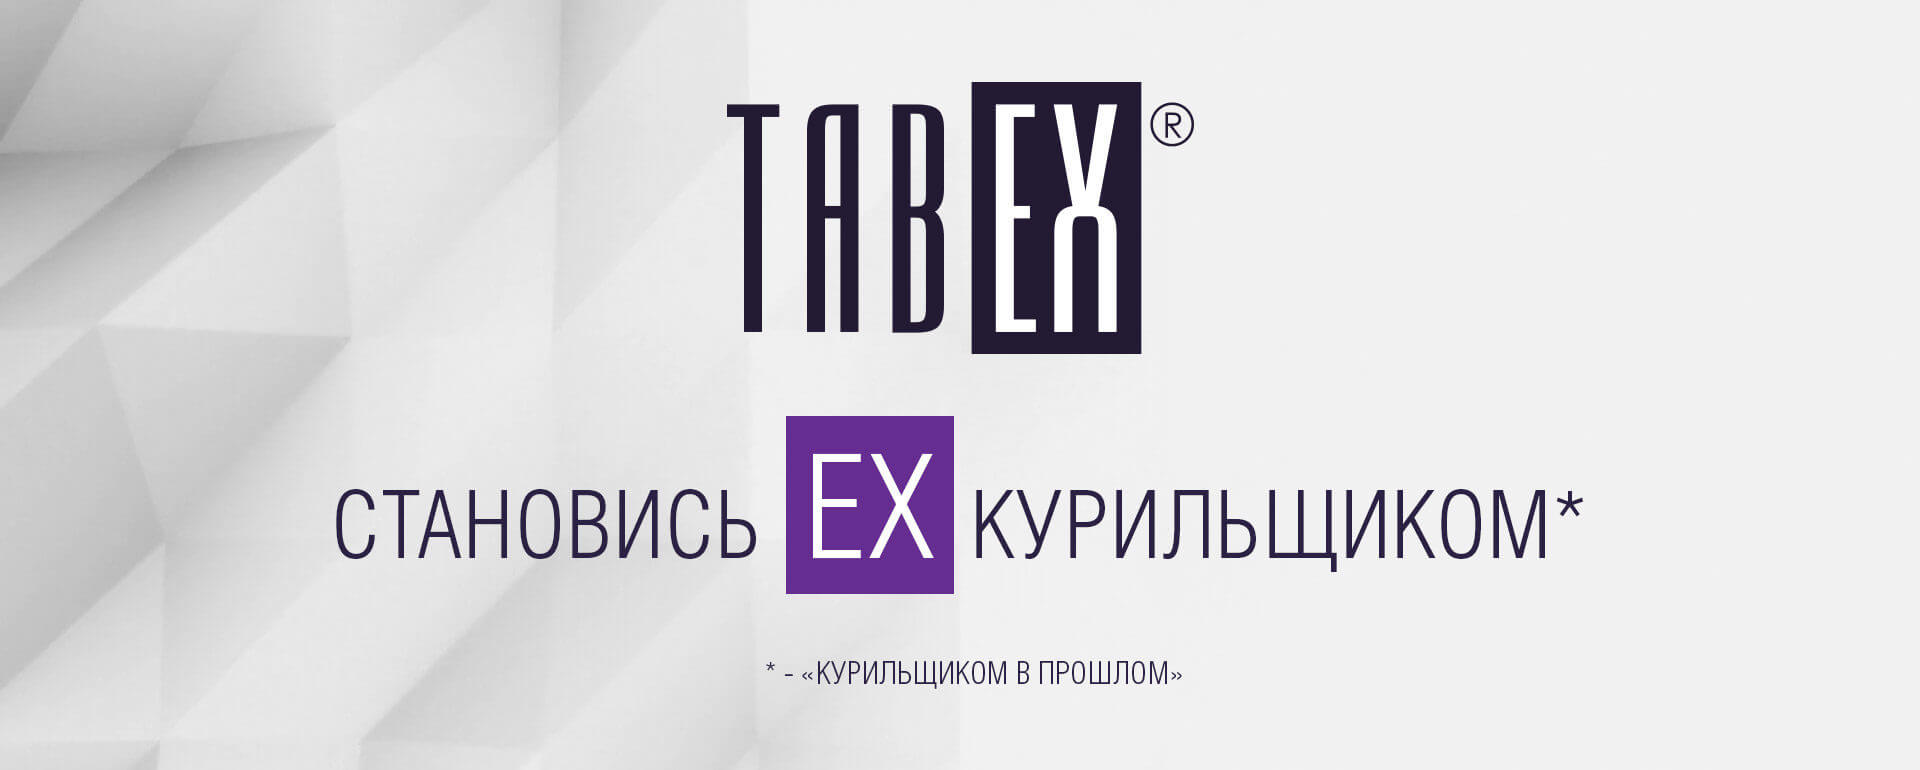 Условия использования информации, размещенной на сайте tabex.ru